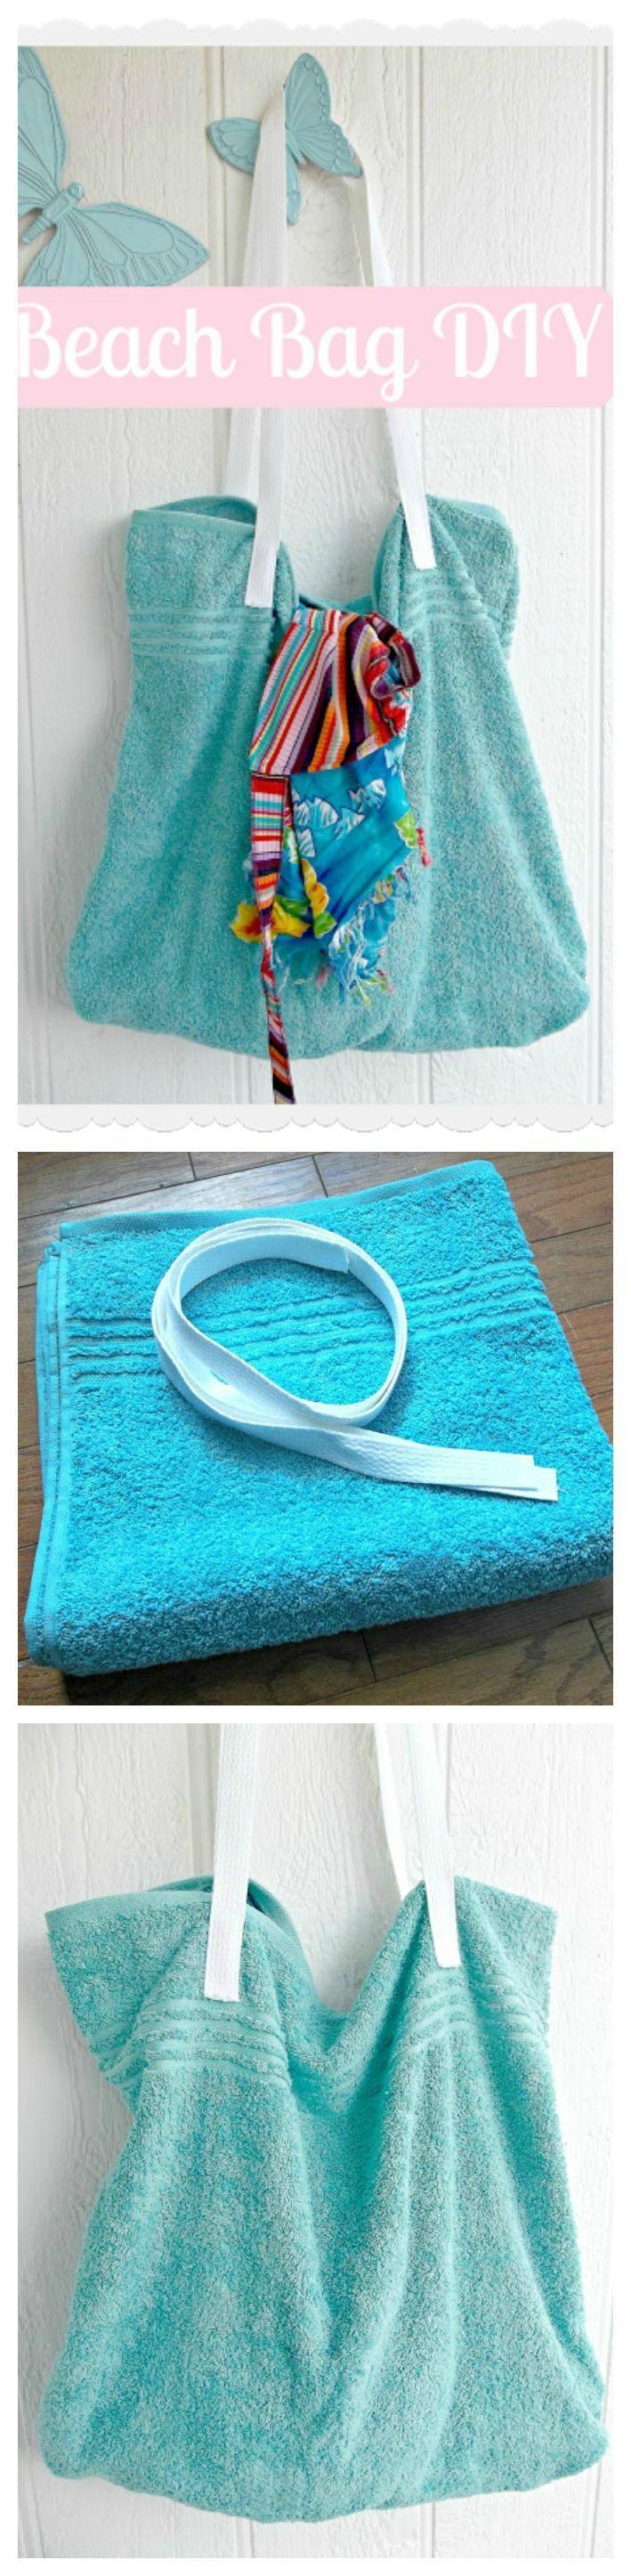 Ook als recycle project te doen dit! Een handdoek of strandlaken met een klein gat of scheur krijgt zo een nieuwe kans!